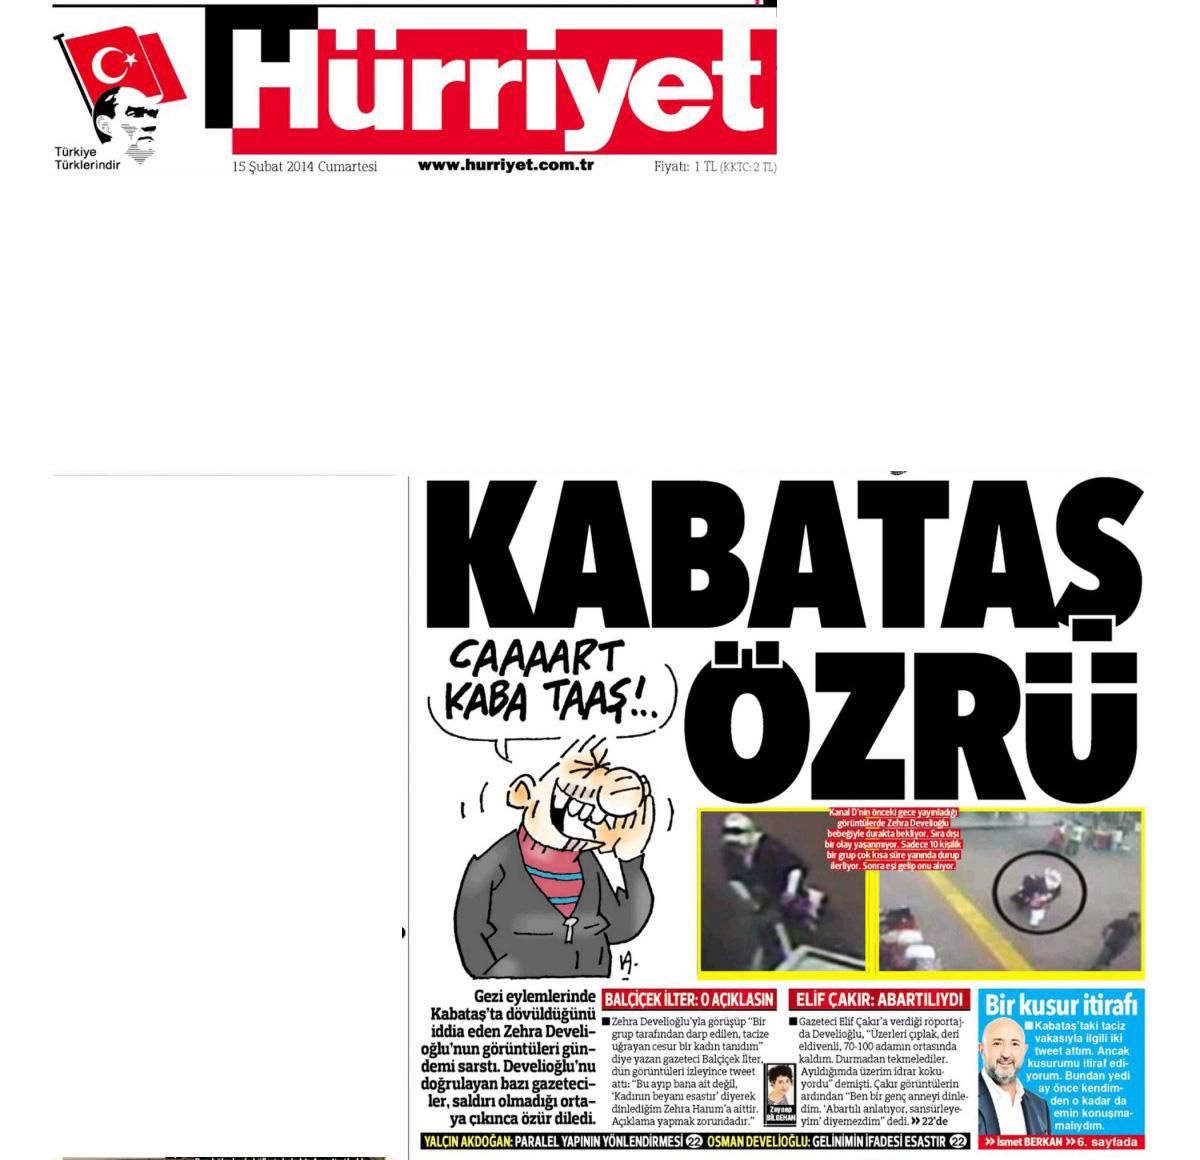 Başbakan Erdoğan'ın Haliç Metro Köprüsü açılışı konuşması